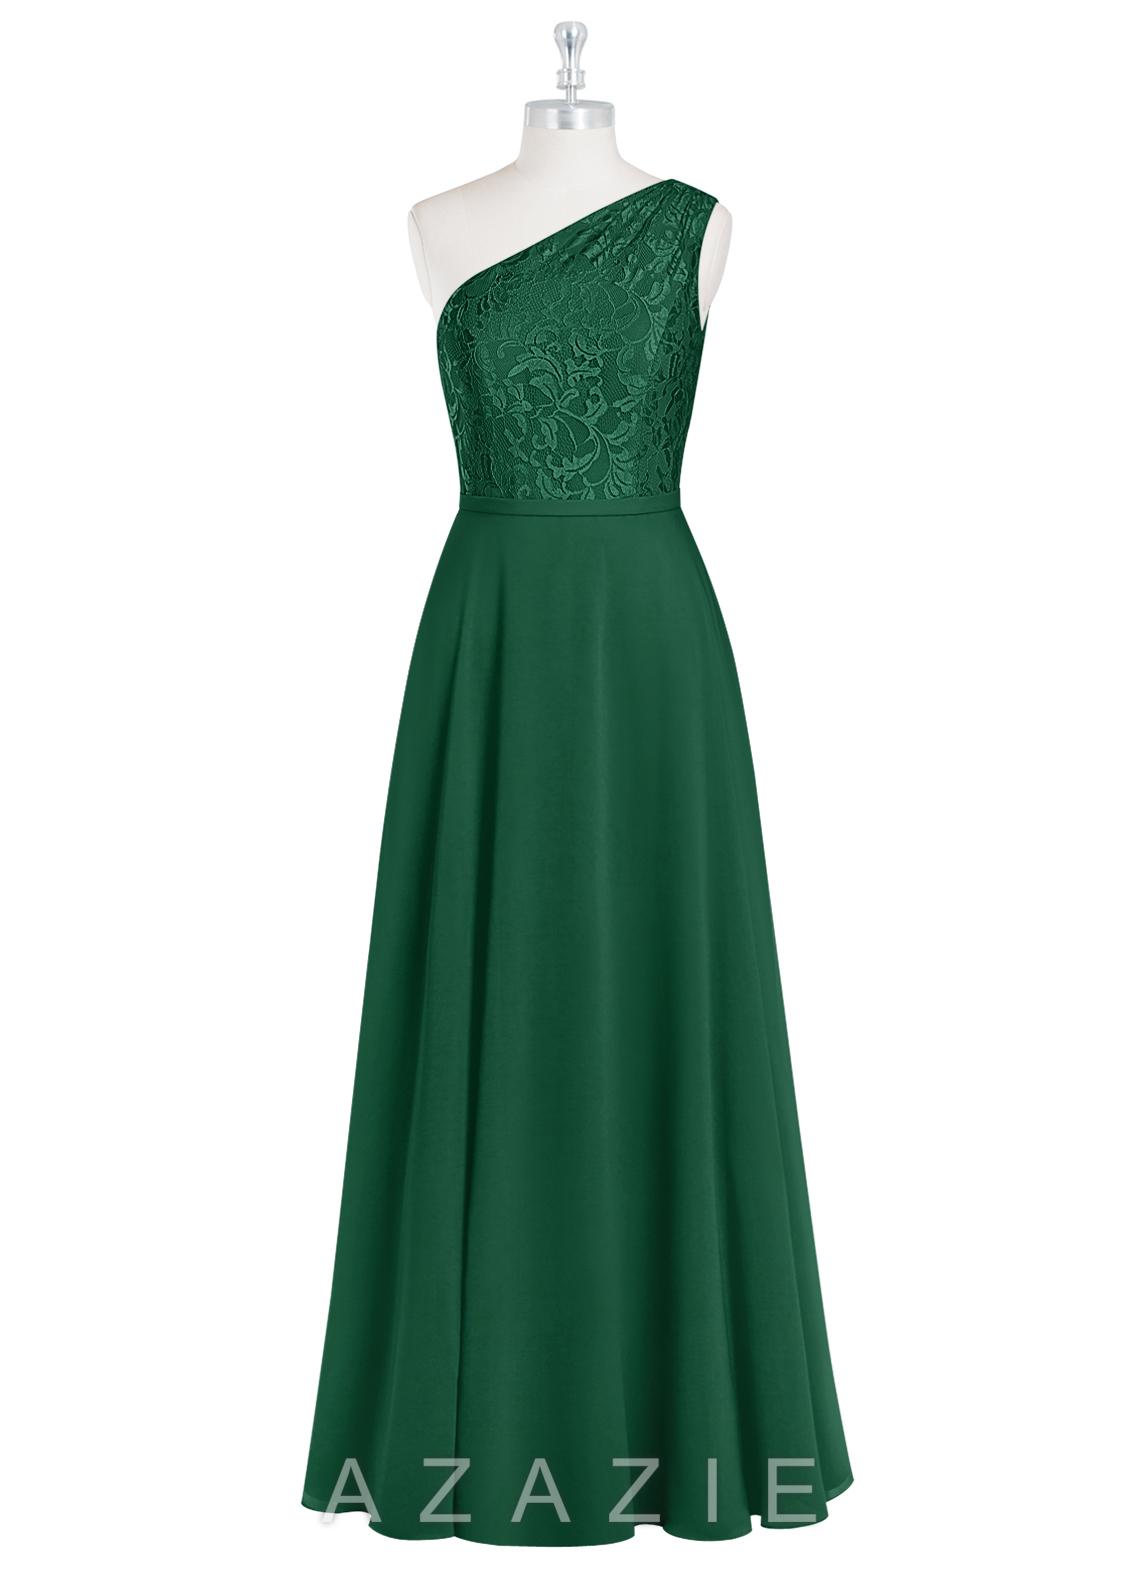 1771bd6deb3f Azazie Simone Clearance Bridesmaid Dress